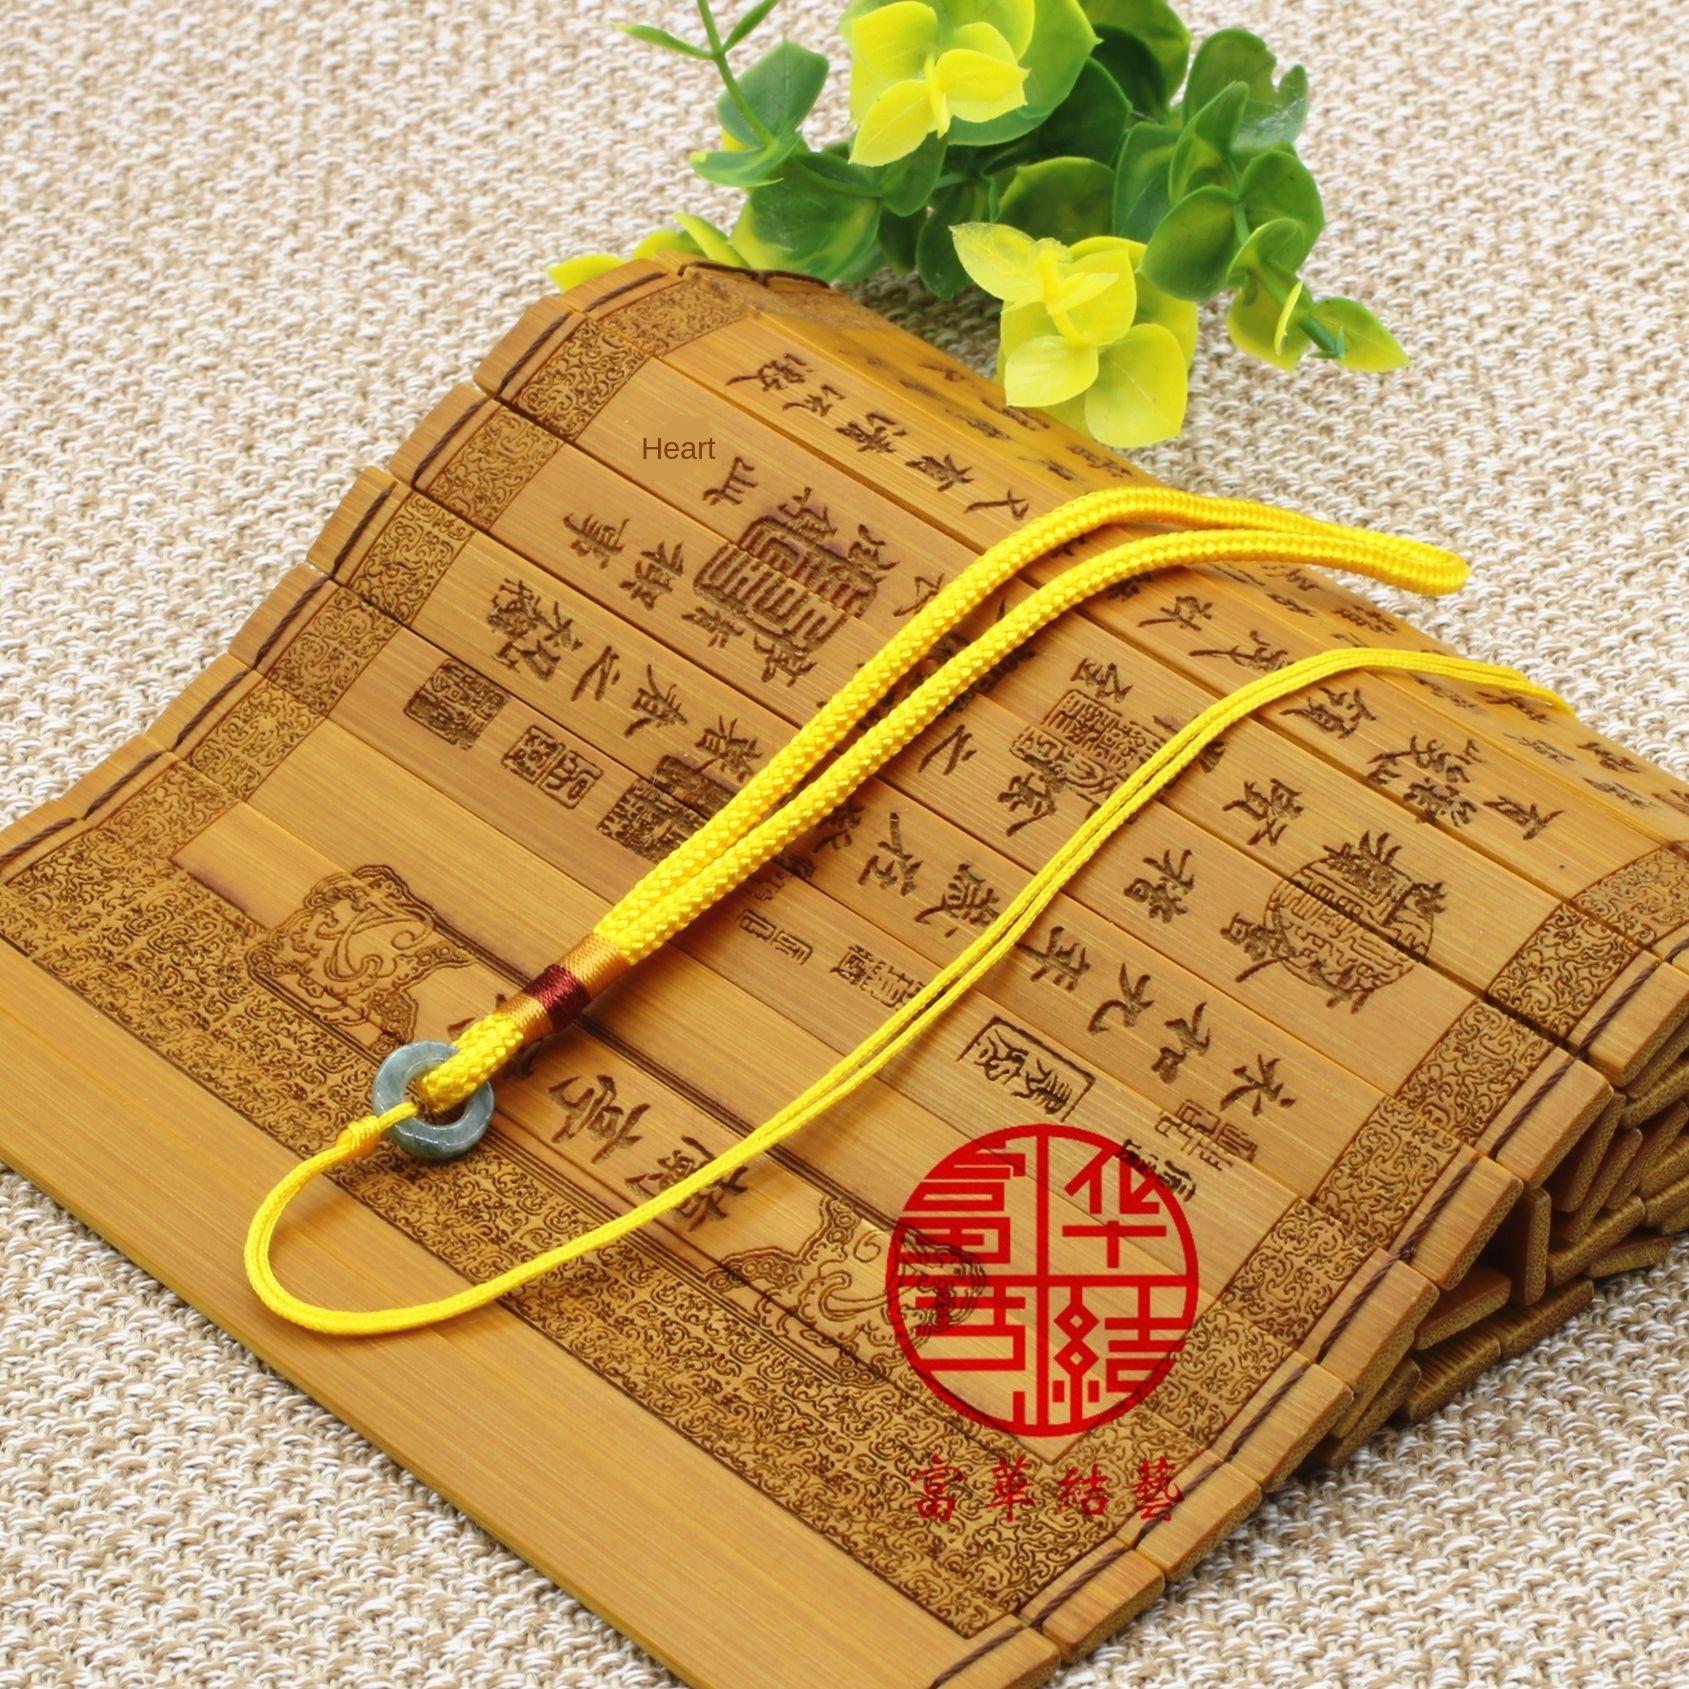 Neue Armband Jade Jadewrist Stück Seil Anhänger hängenden Anhänger hängenden Seil Berufs